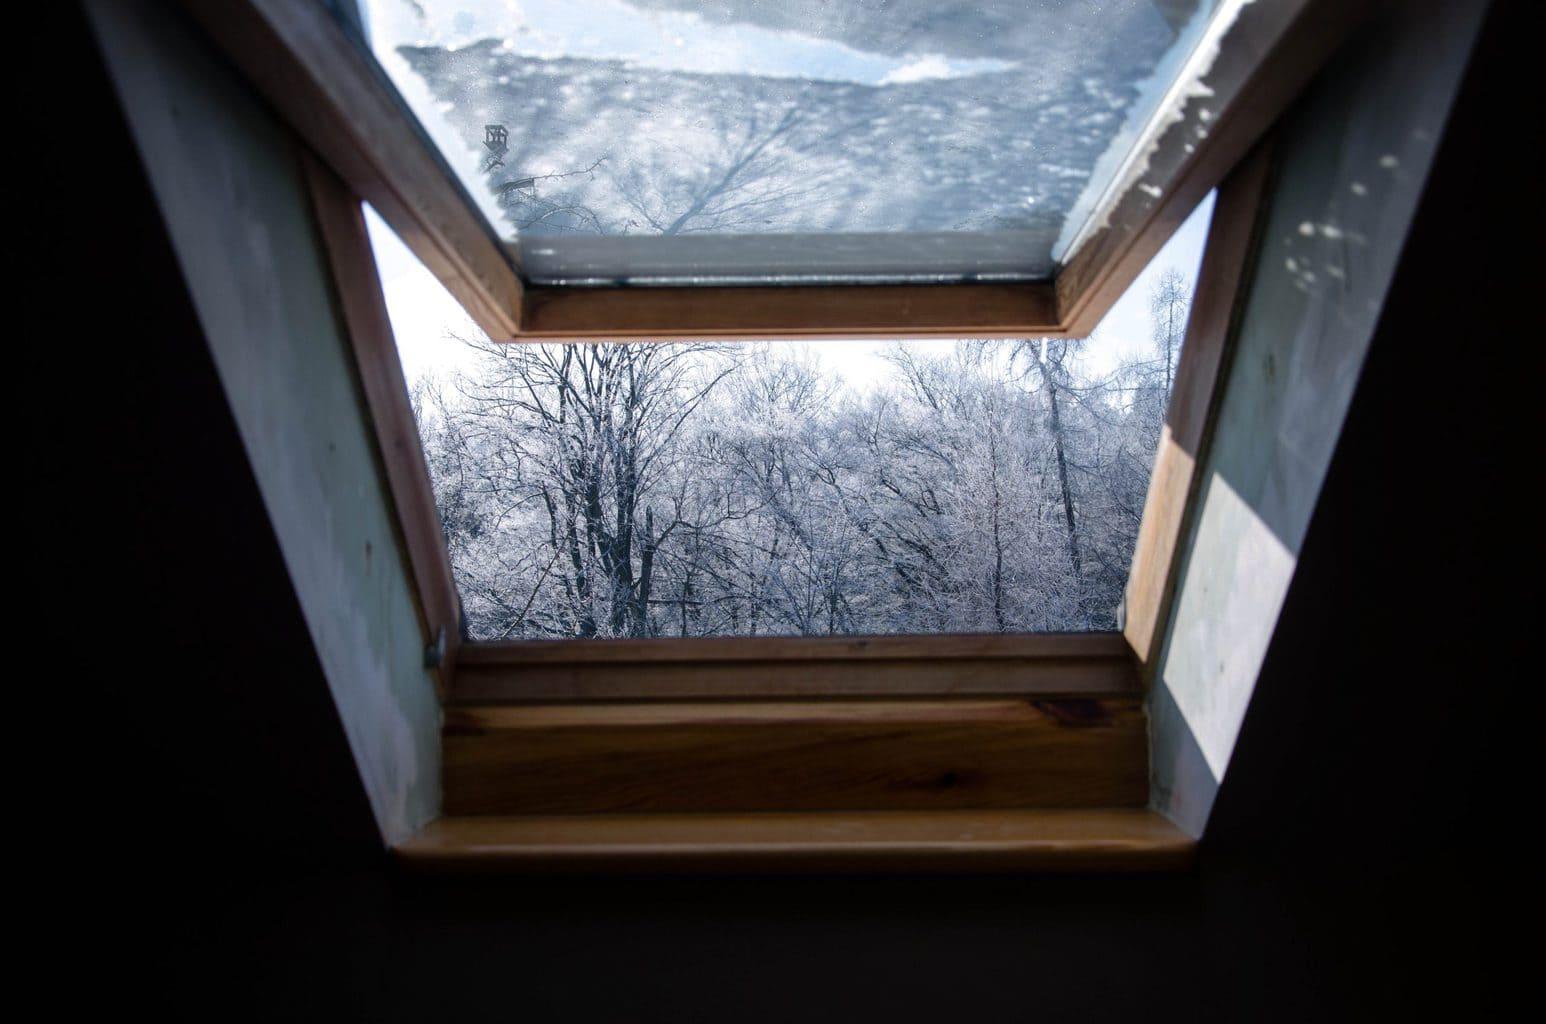 Vista desde una ventana